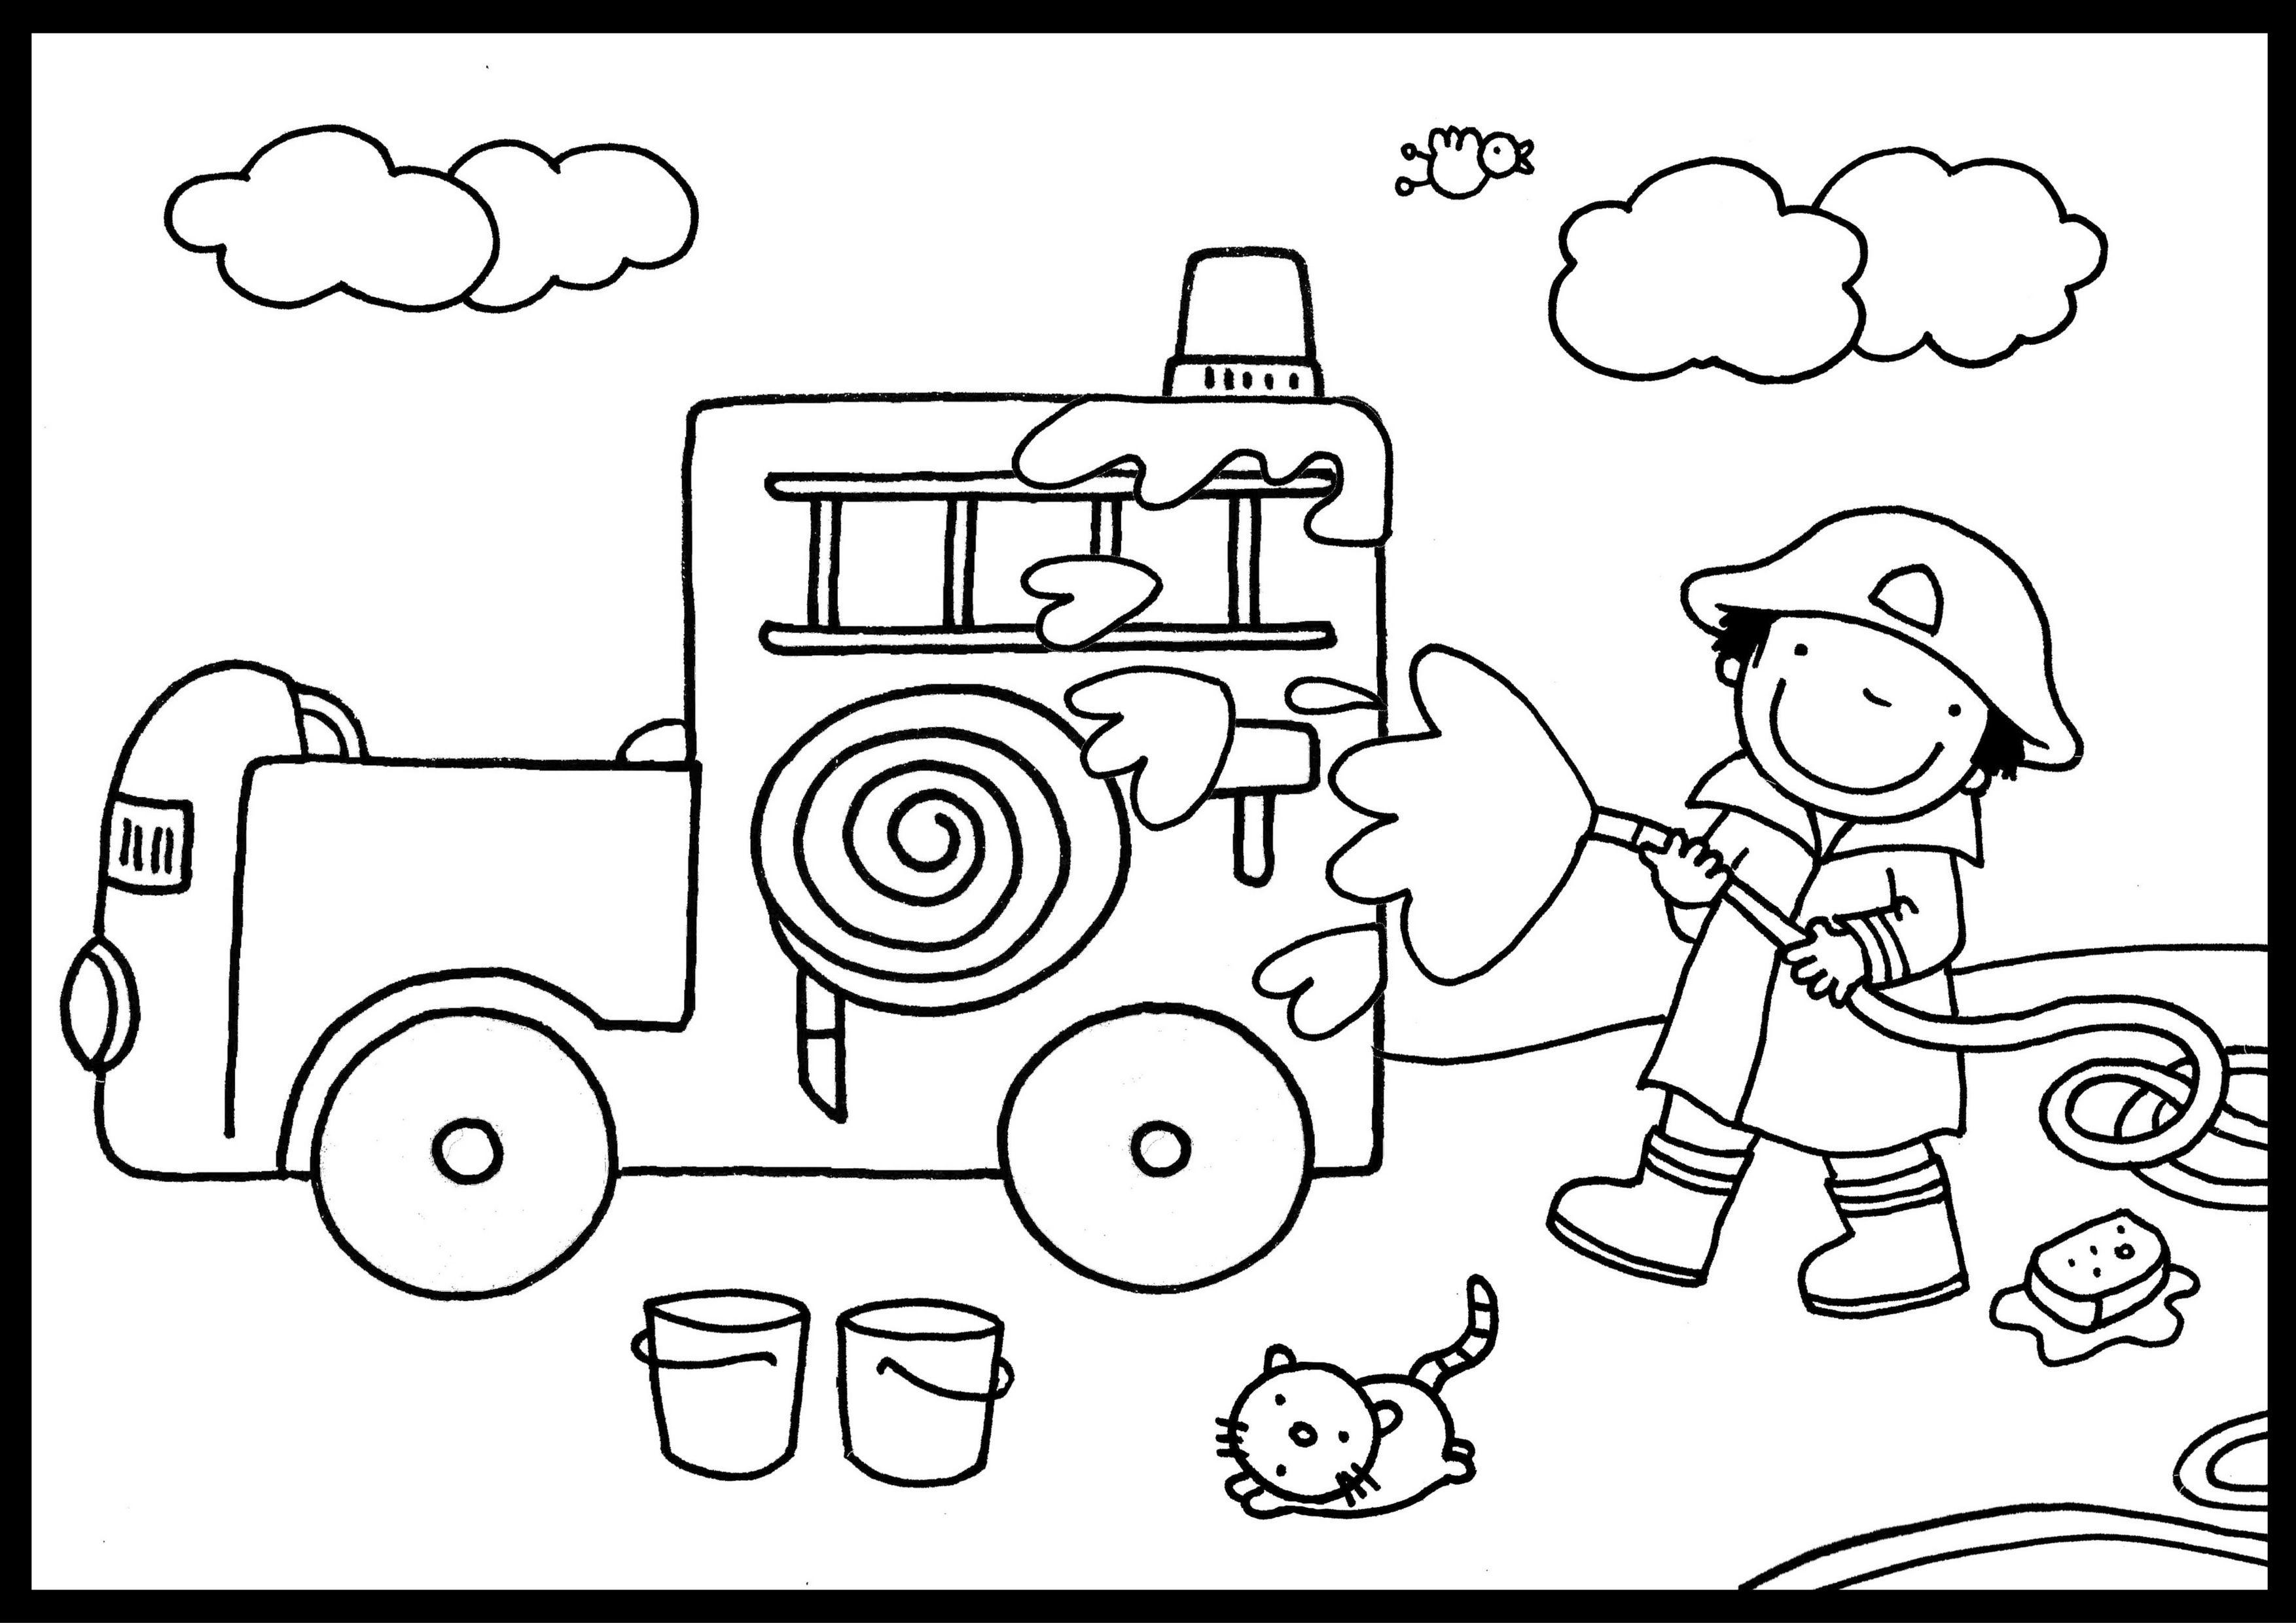 Uit Het Boek Het Brandweermannetje Http Www Unieboekspectrum Nl Boek 9789000346158 Het Brandweermannetje 6 99 Brandweerman Vervoer Thema Brandweer